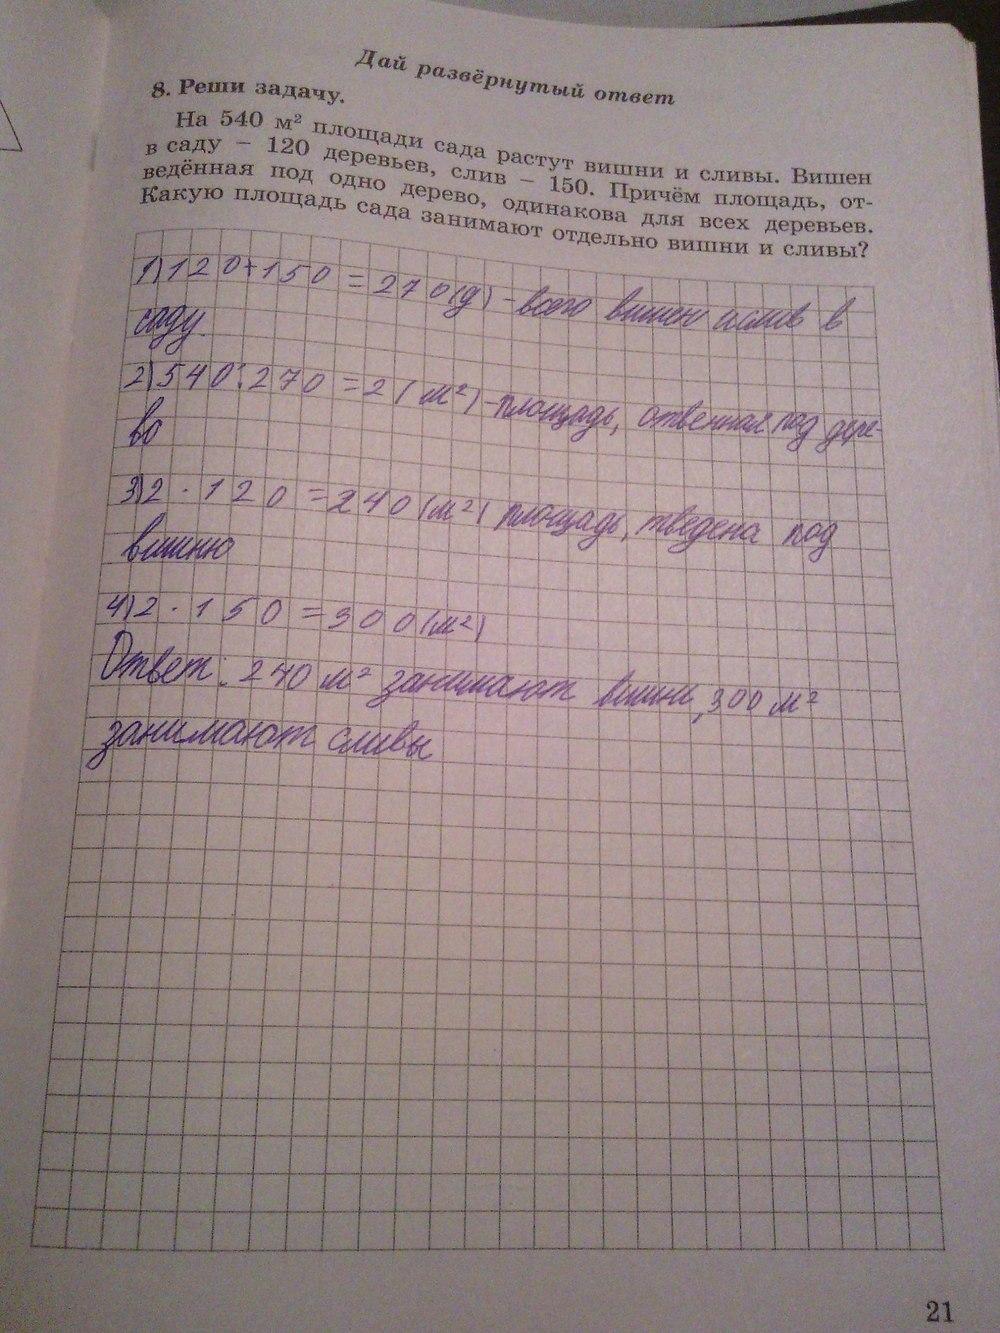 ГДЗ по математике 4 класс. Задание: стр. 21